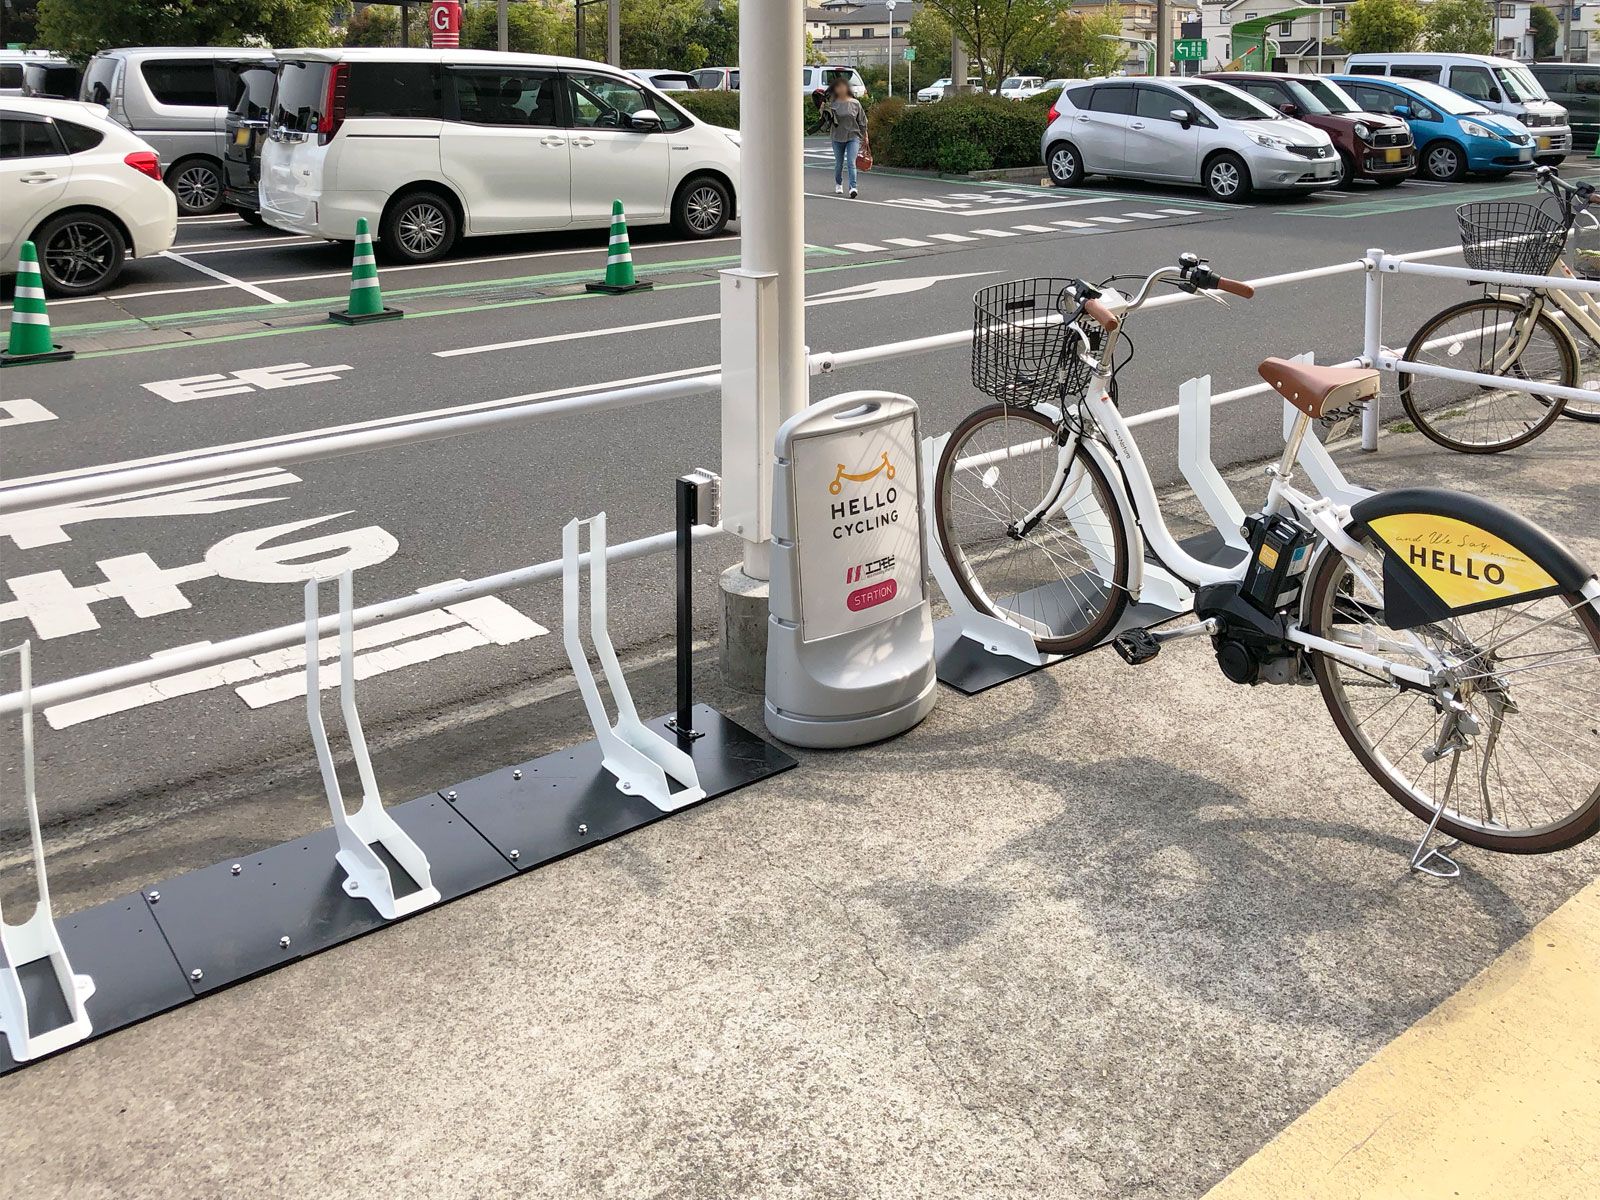 イオンモール浦和美園(南) (HELLO CYCLING ポート) image